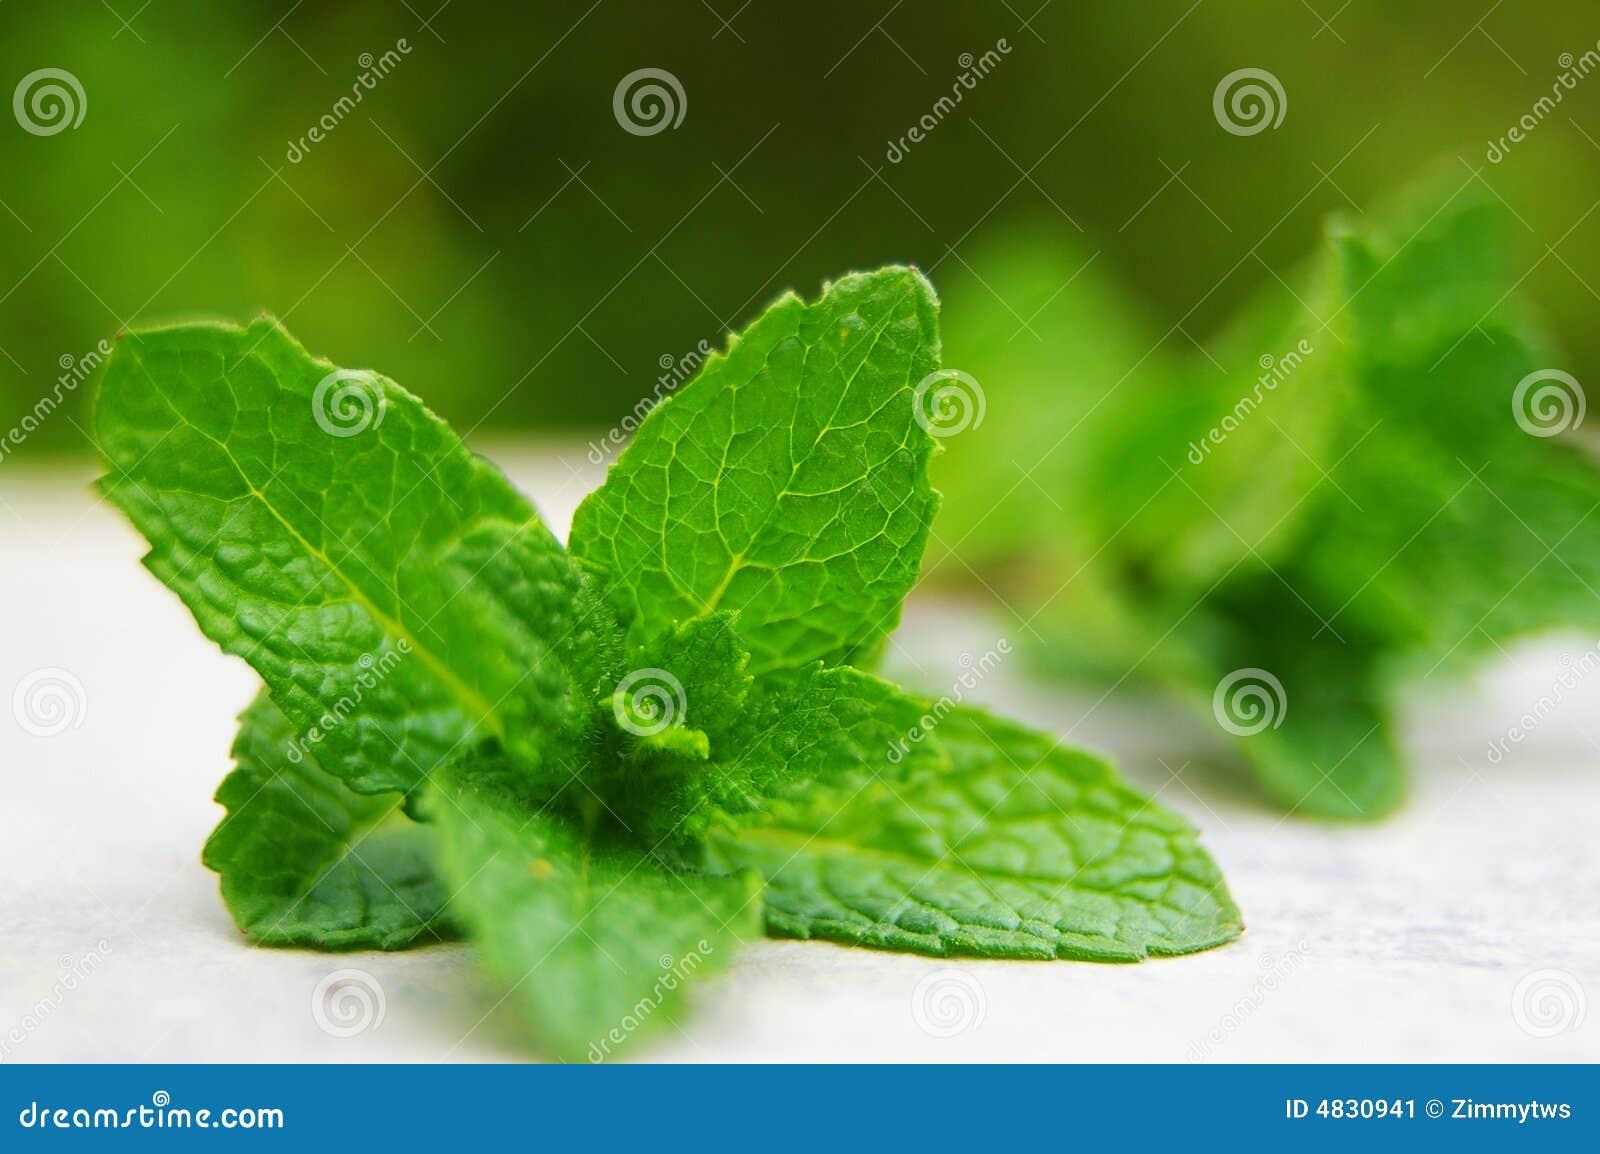 Tadellose Blätter